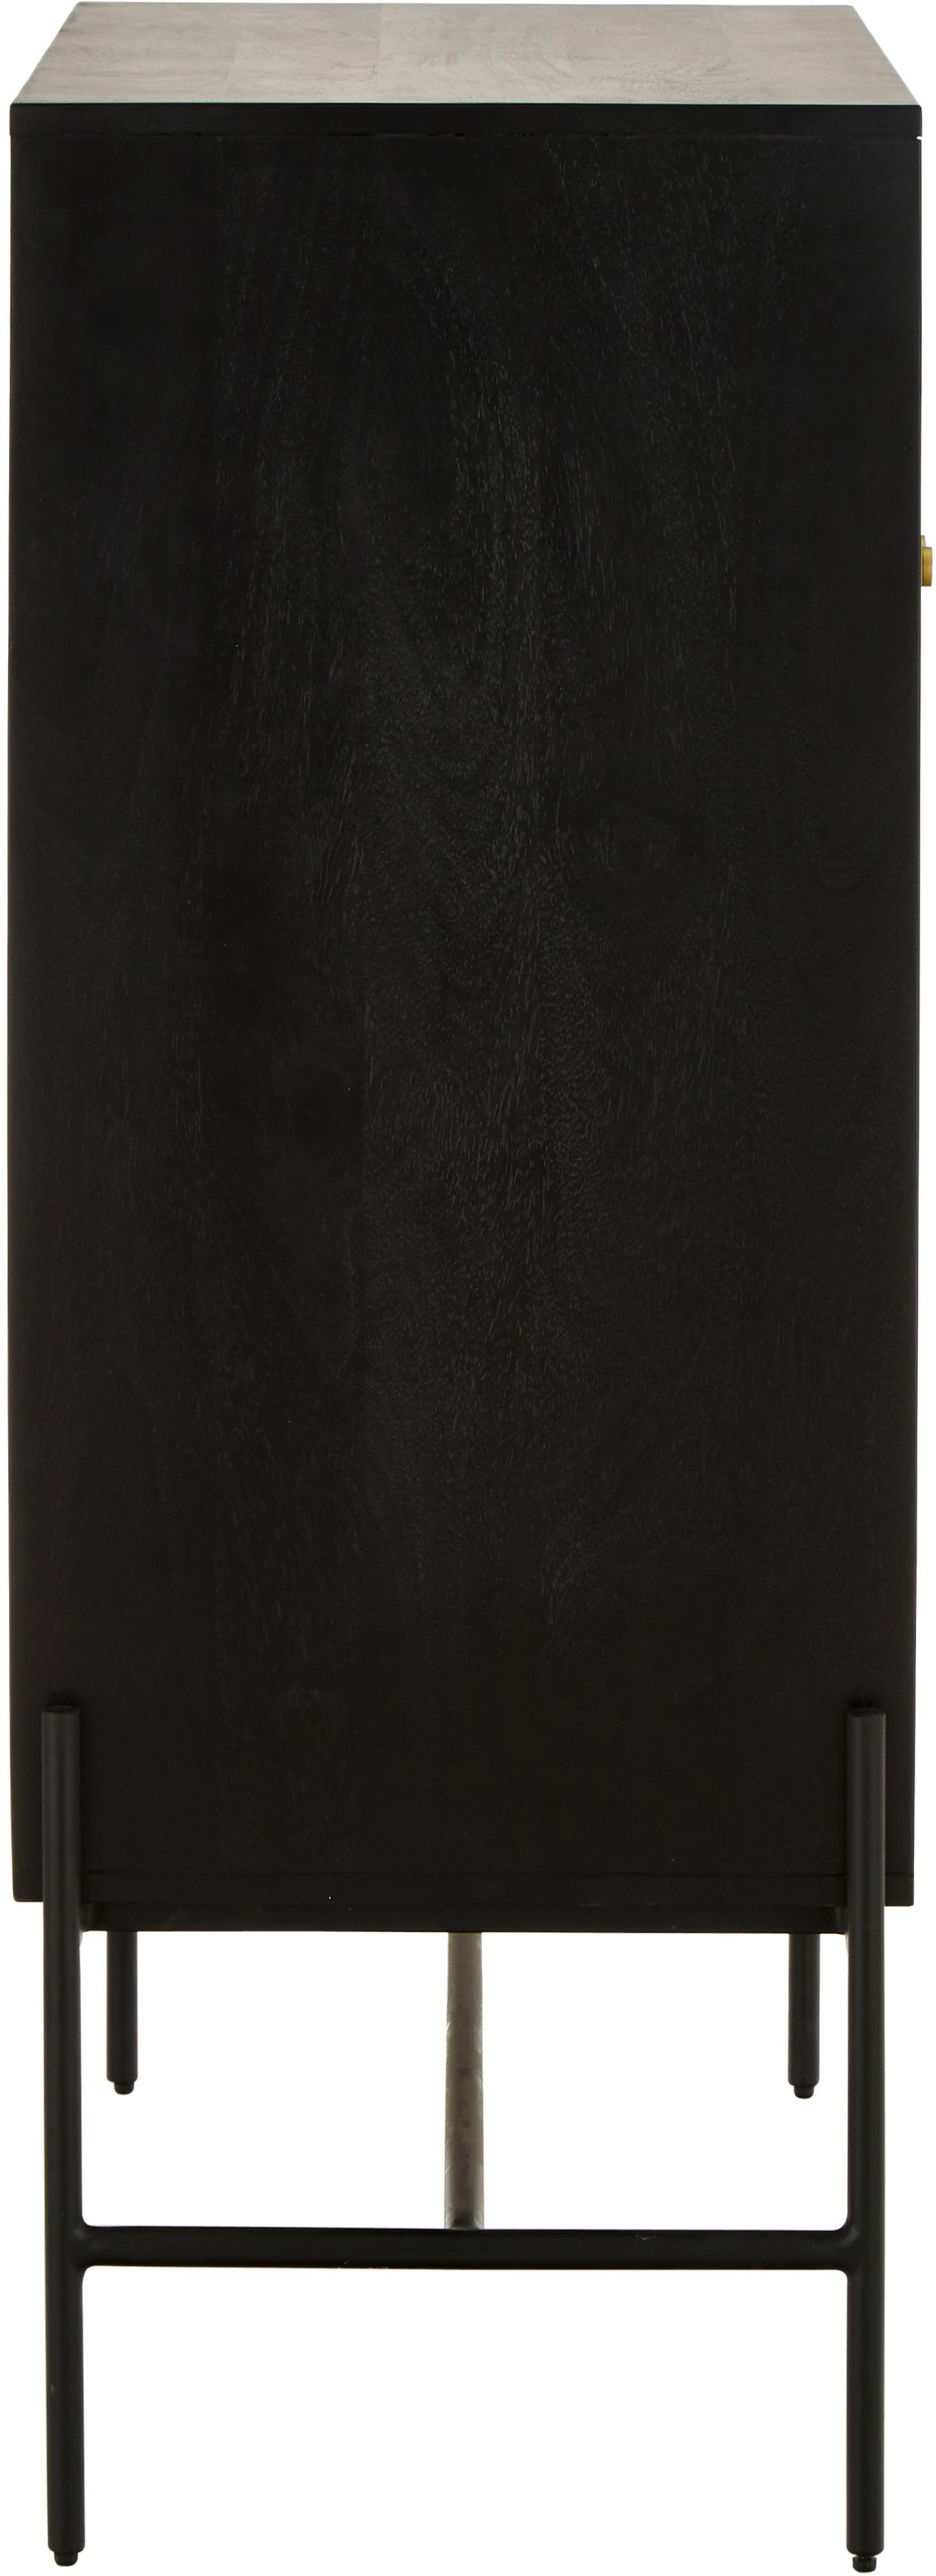 Highboard Vienna mit Wiener Geflecht, Korpus: Massives Mangoholz, lacki, Füße: Metall, pulverbeschichtet, Schwarz, 100 x 120 cm